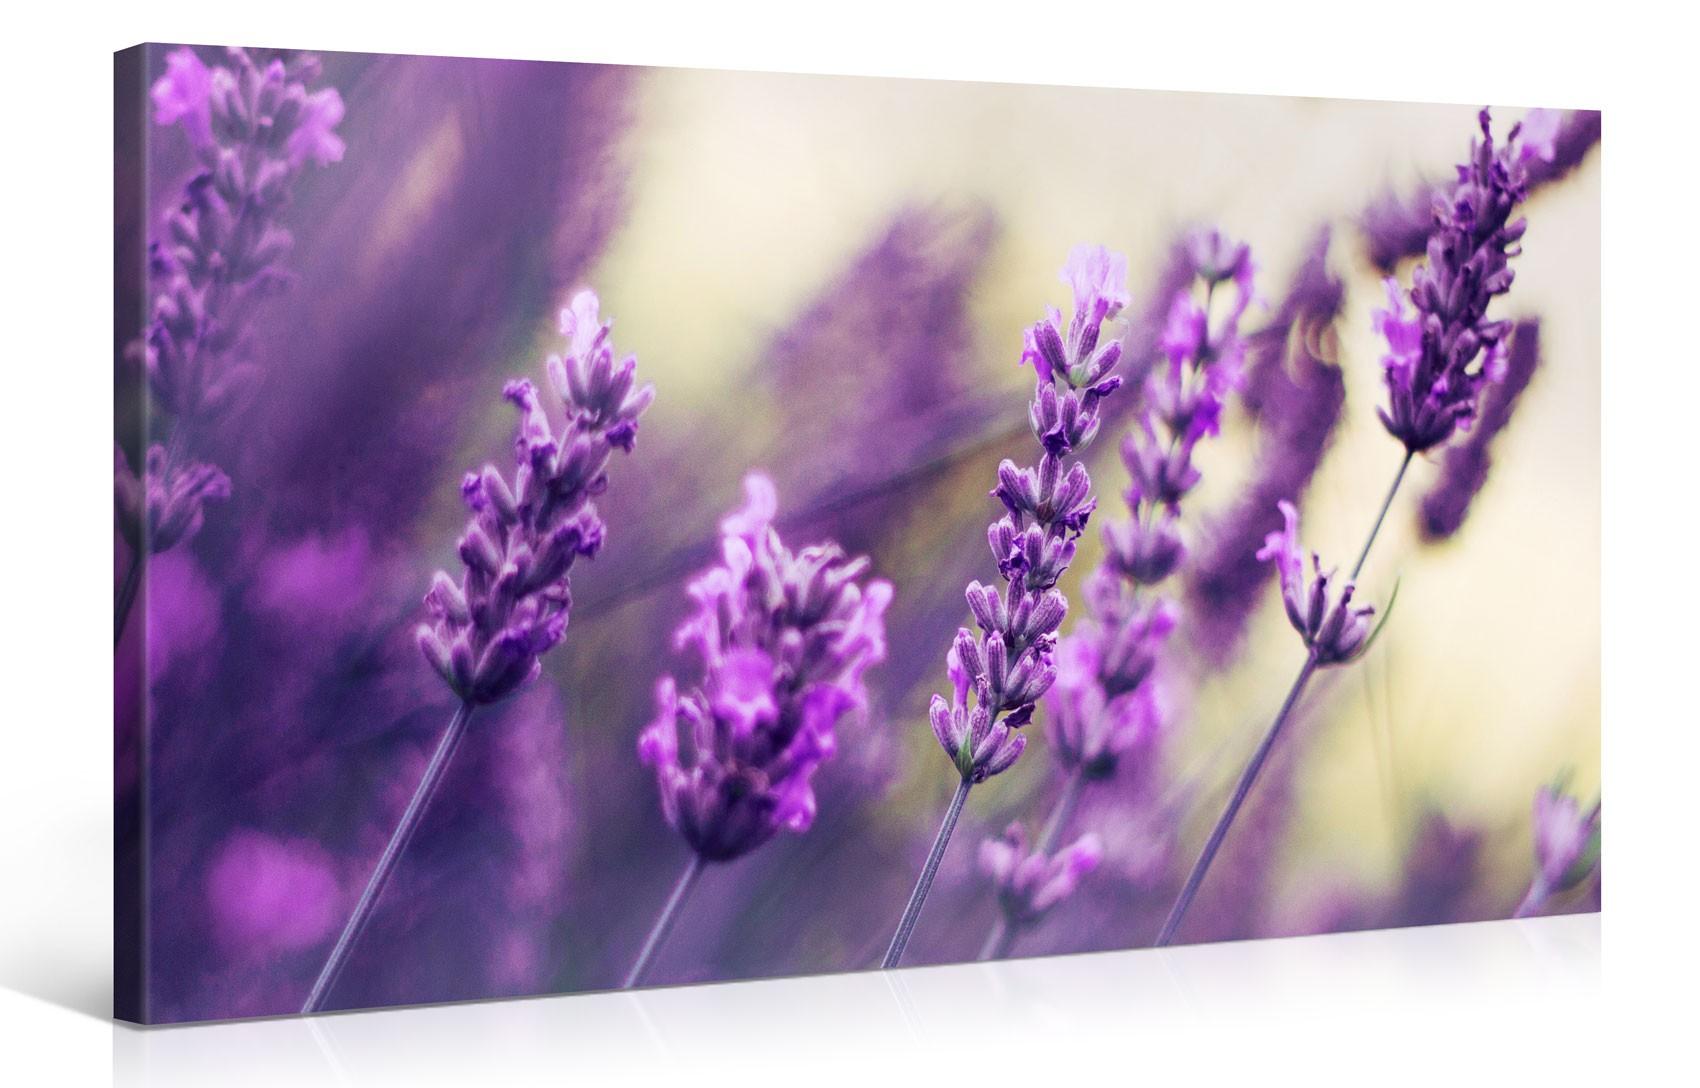 violetter lavendel 1006465. Black Bedroom Furniture Sets. Home Design Ideas